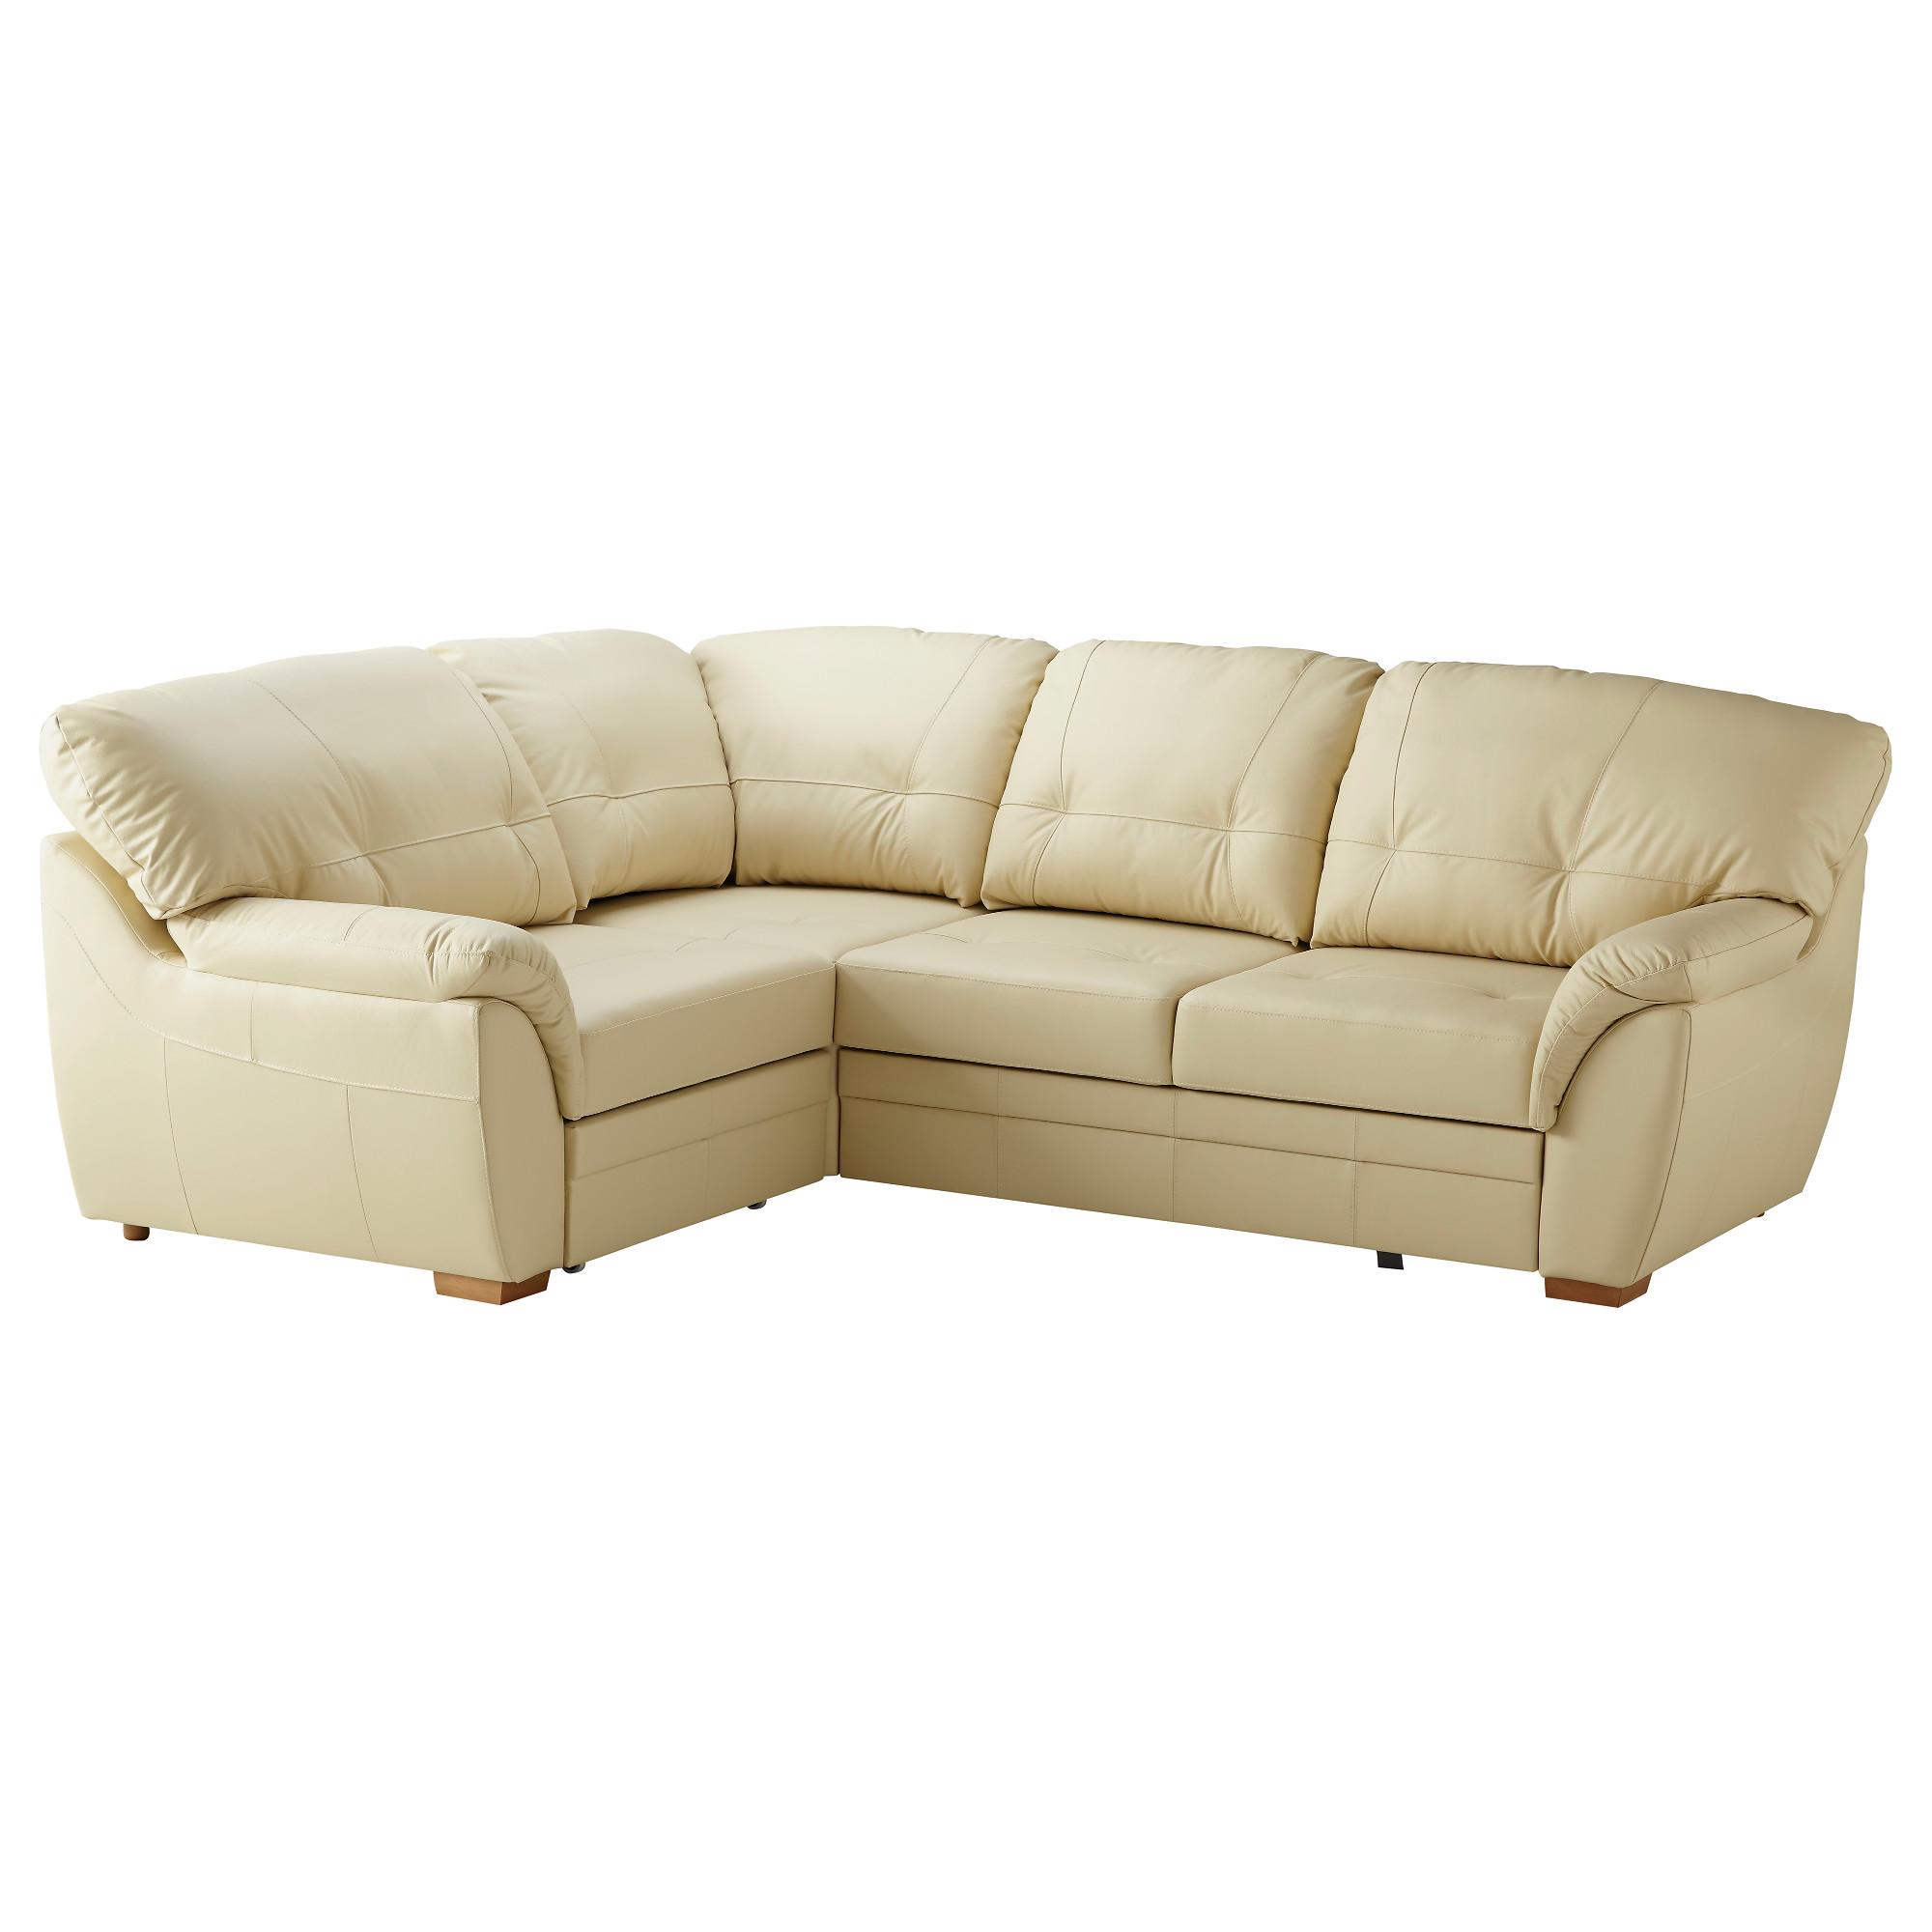 купить диван кровать угловой бьёрбу левый бежевый в икеа минск